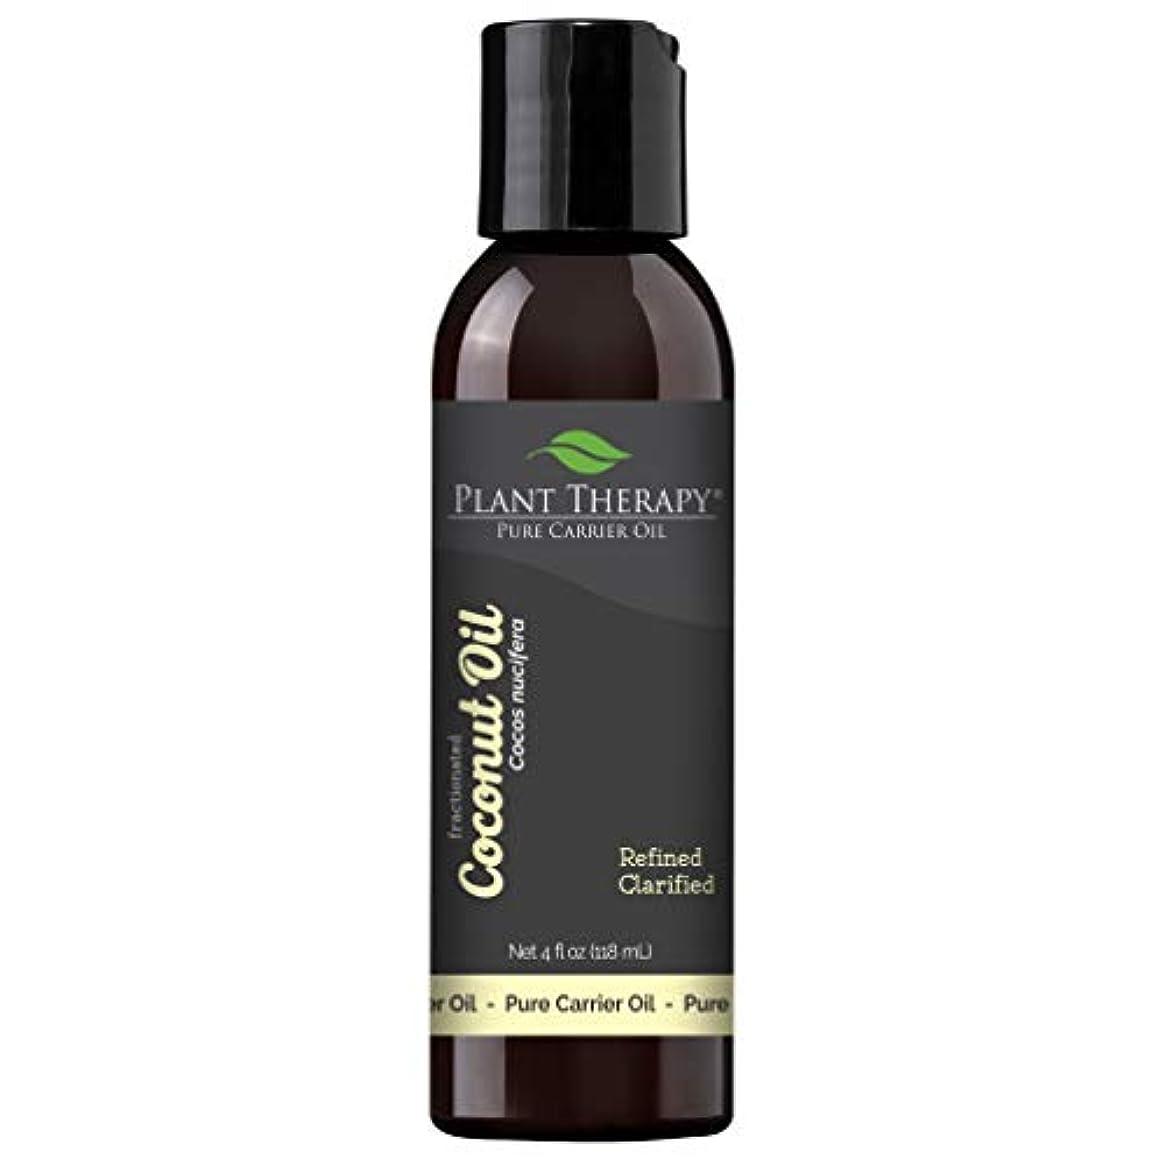 ジェスチャー経由で人工的なPlant Therapy Essential Oils (プラントセラピー エッセンシャルオイル) ココナッツ (分別蒸留) 4 オンス キャリアオイル